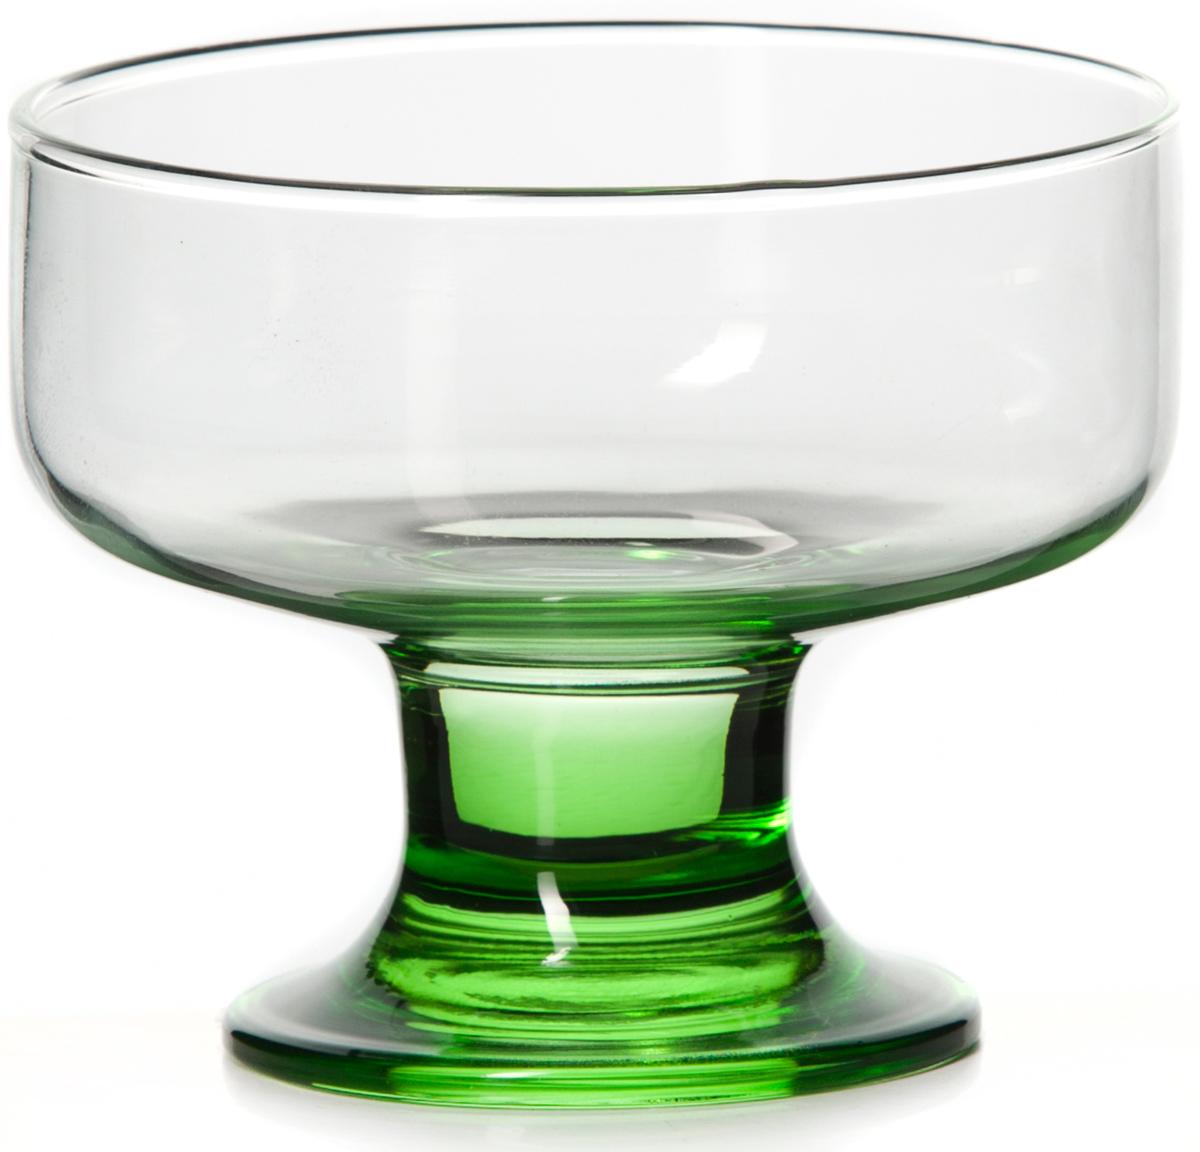 """Креманка Pasabahce """"Энжой грин"""" изготовлена из непористого стекла. Благодаря высокому уровню применяемых технологий изделие может использоваться на протяжении многих лет, не утрачивая эстетической привлекательности и оставаясь функциональными и современными. Высота: 80 мм. Объем: 250 мл."""